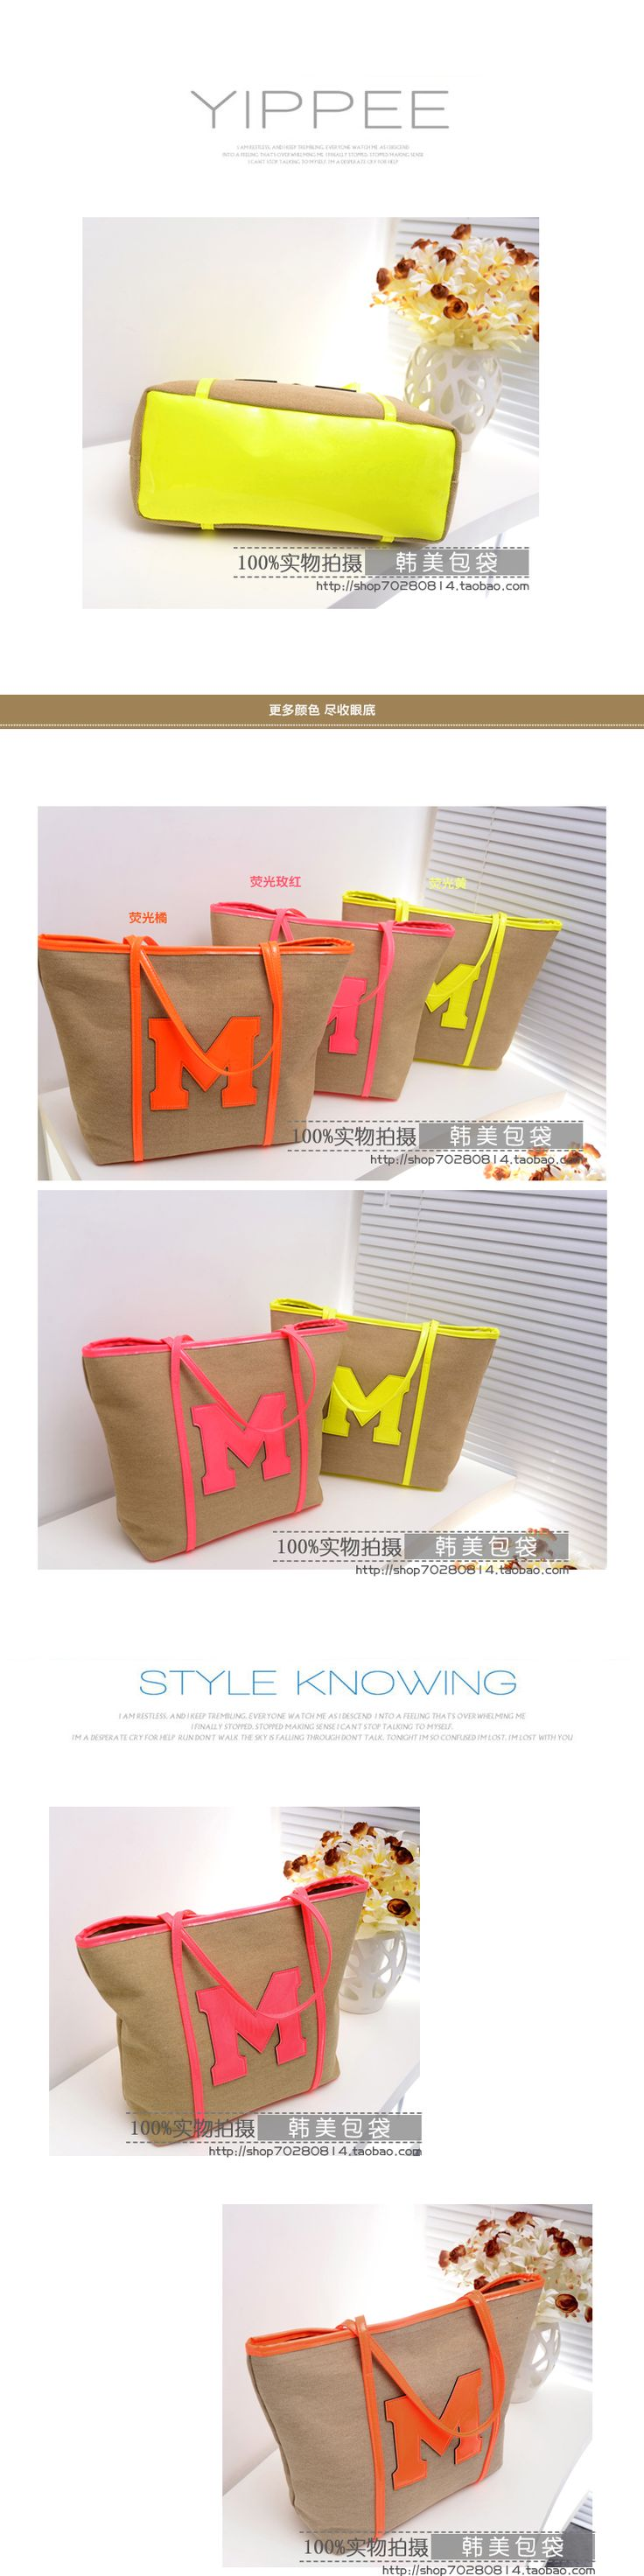 2013 конопли хлопчатобумажной ткани женская сумка большая м неоновые цвета сумка на плечо большой холщовый мешок женская сумка, принадлежащий категории Сумки на плечо и относящийся к Чемоданы и сумки на сайте AliExpress.com   Alibaba Group